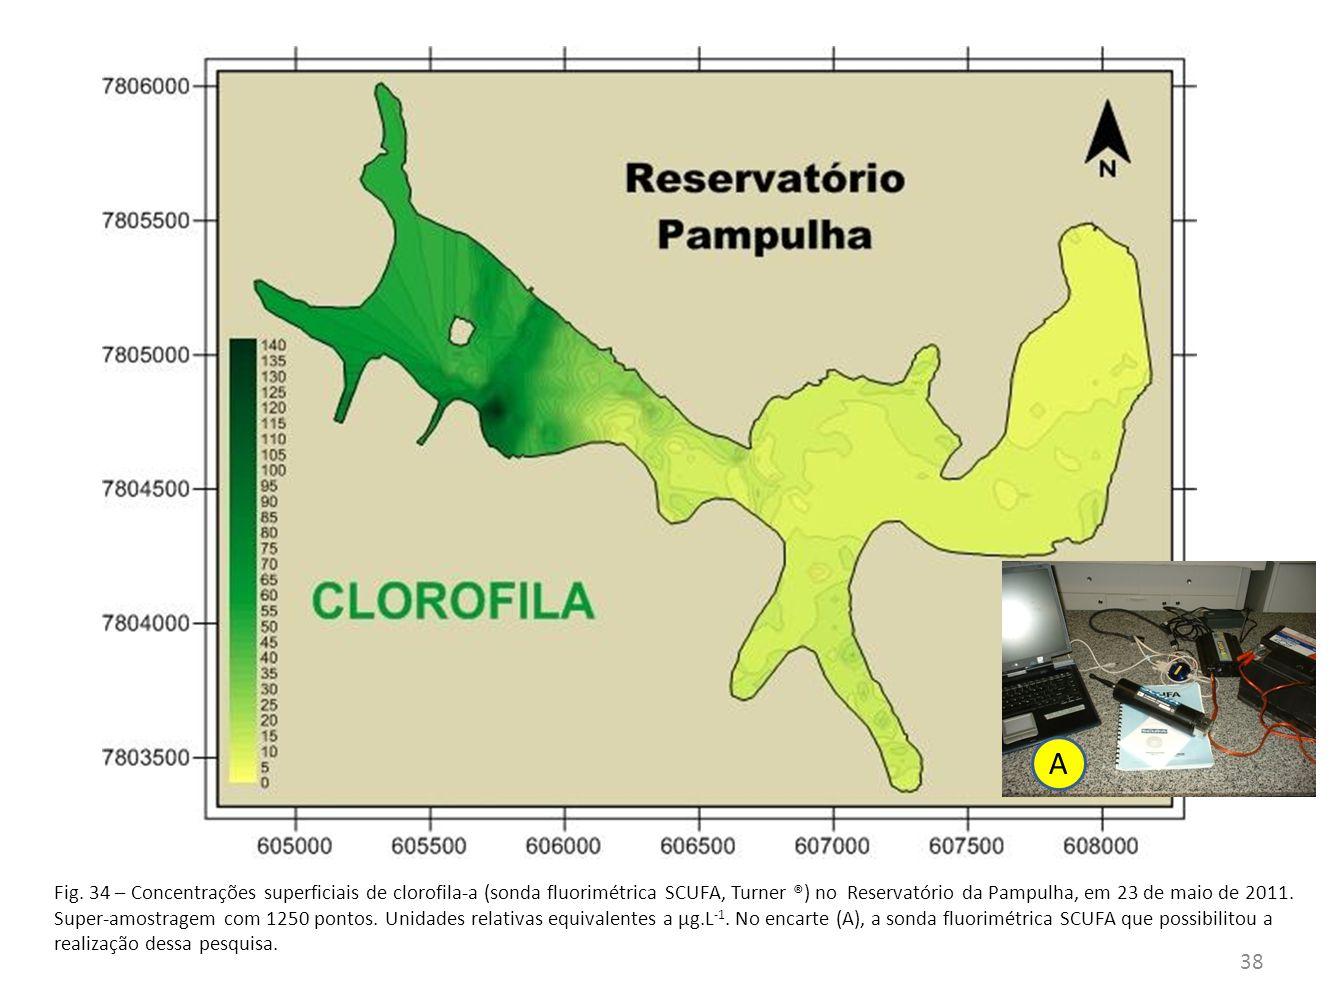 Fig. 34 – Concentrações superficiais de clorofila-a (sonda fluorimétrica SCUFA, Turner ®) no Reservatório da Pampulha, em 23 de maio de 2011. Super-am